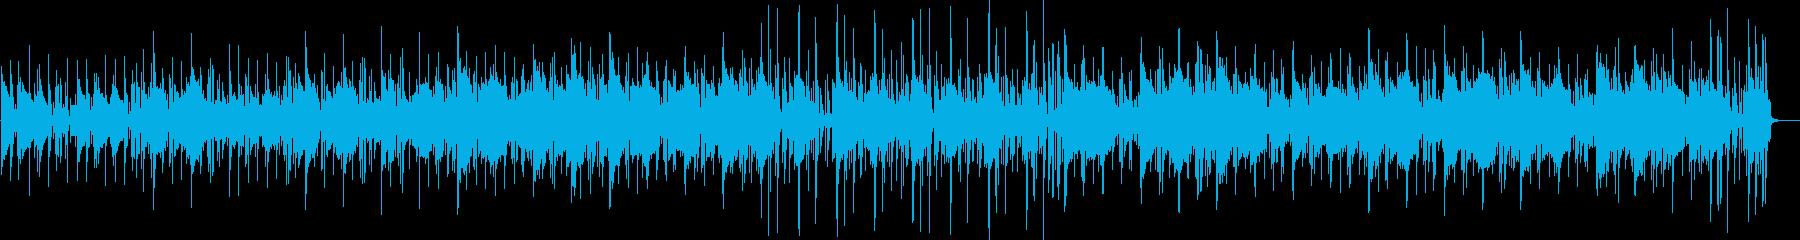 フワフワ感、スローなトランペットの曲の再生済みの波形